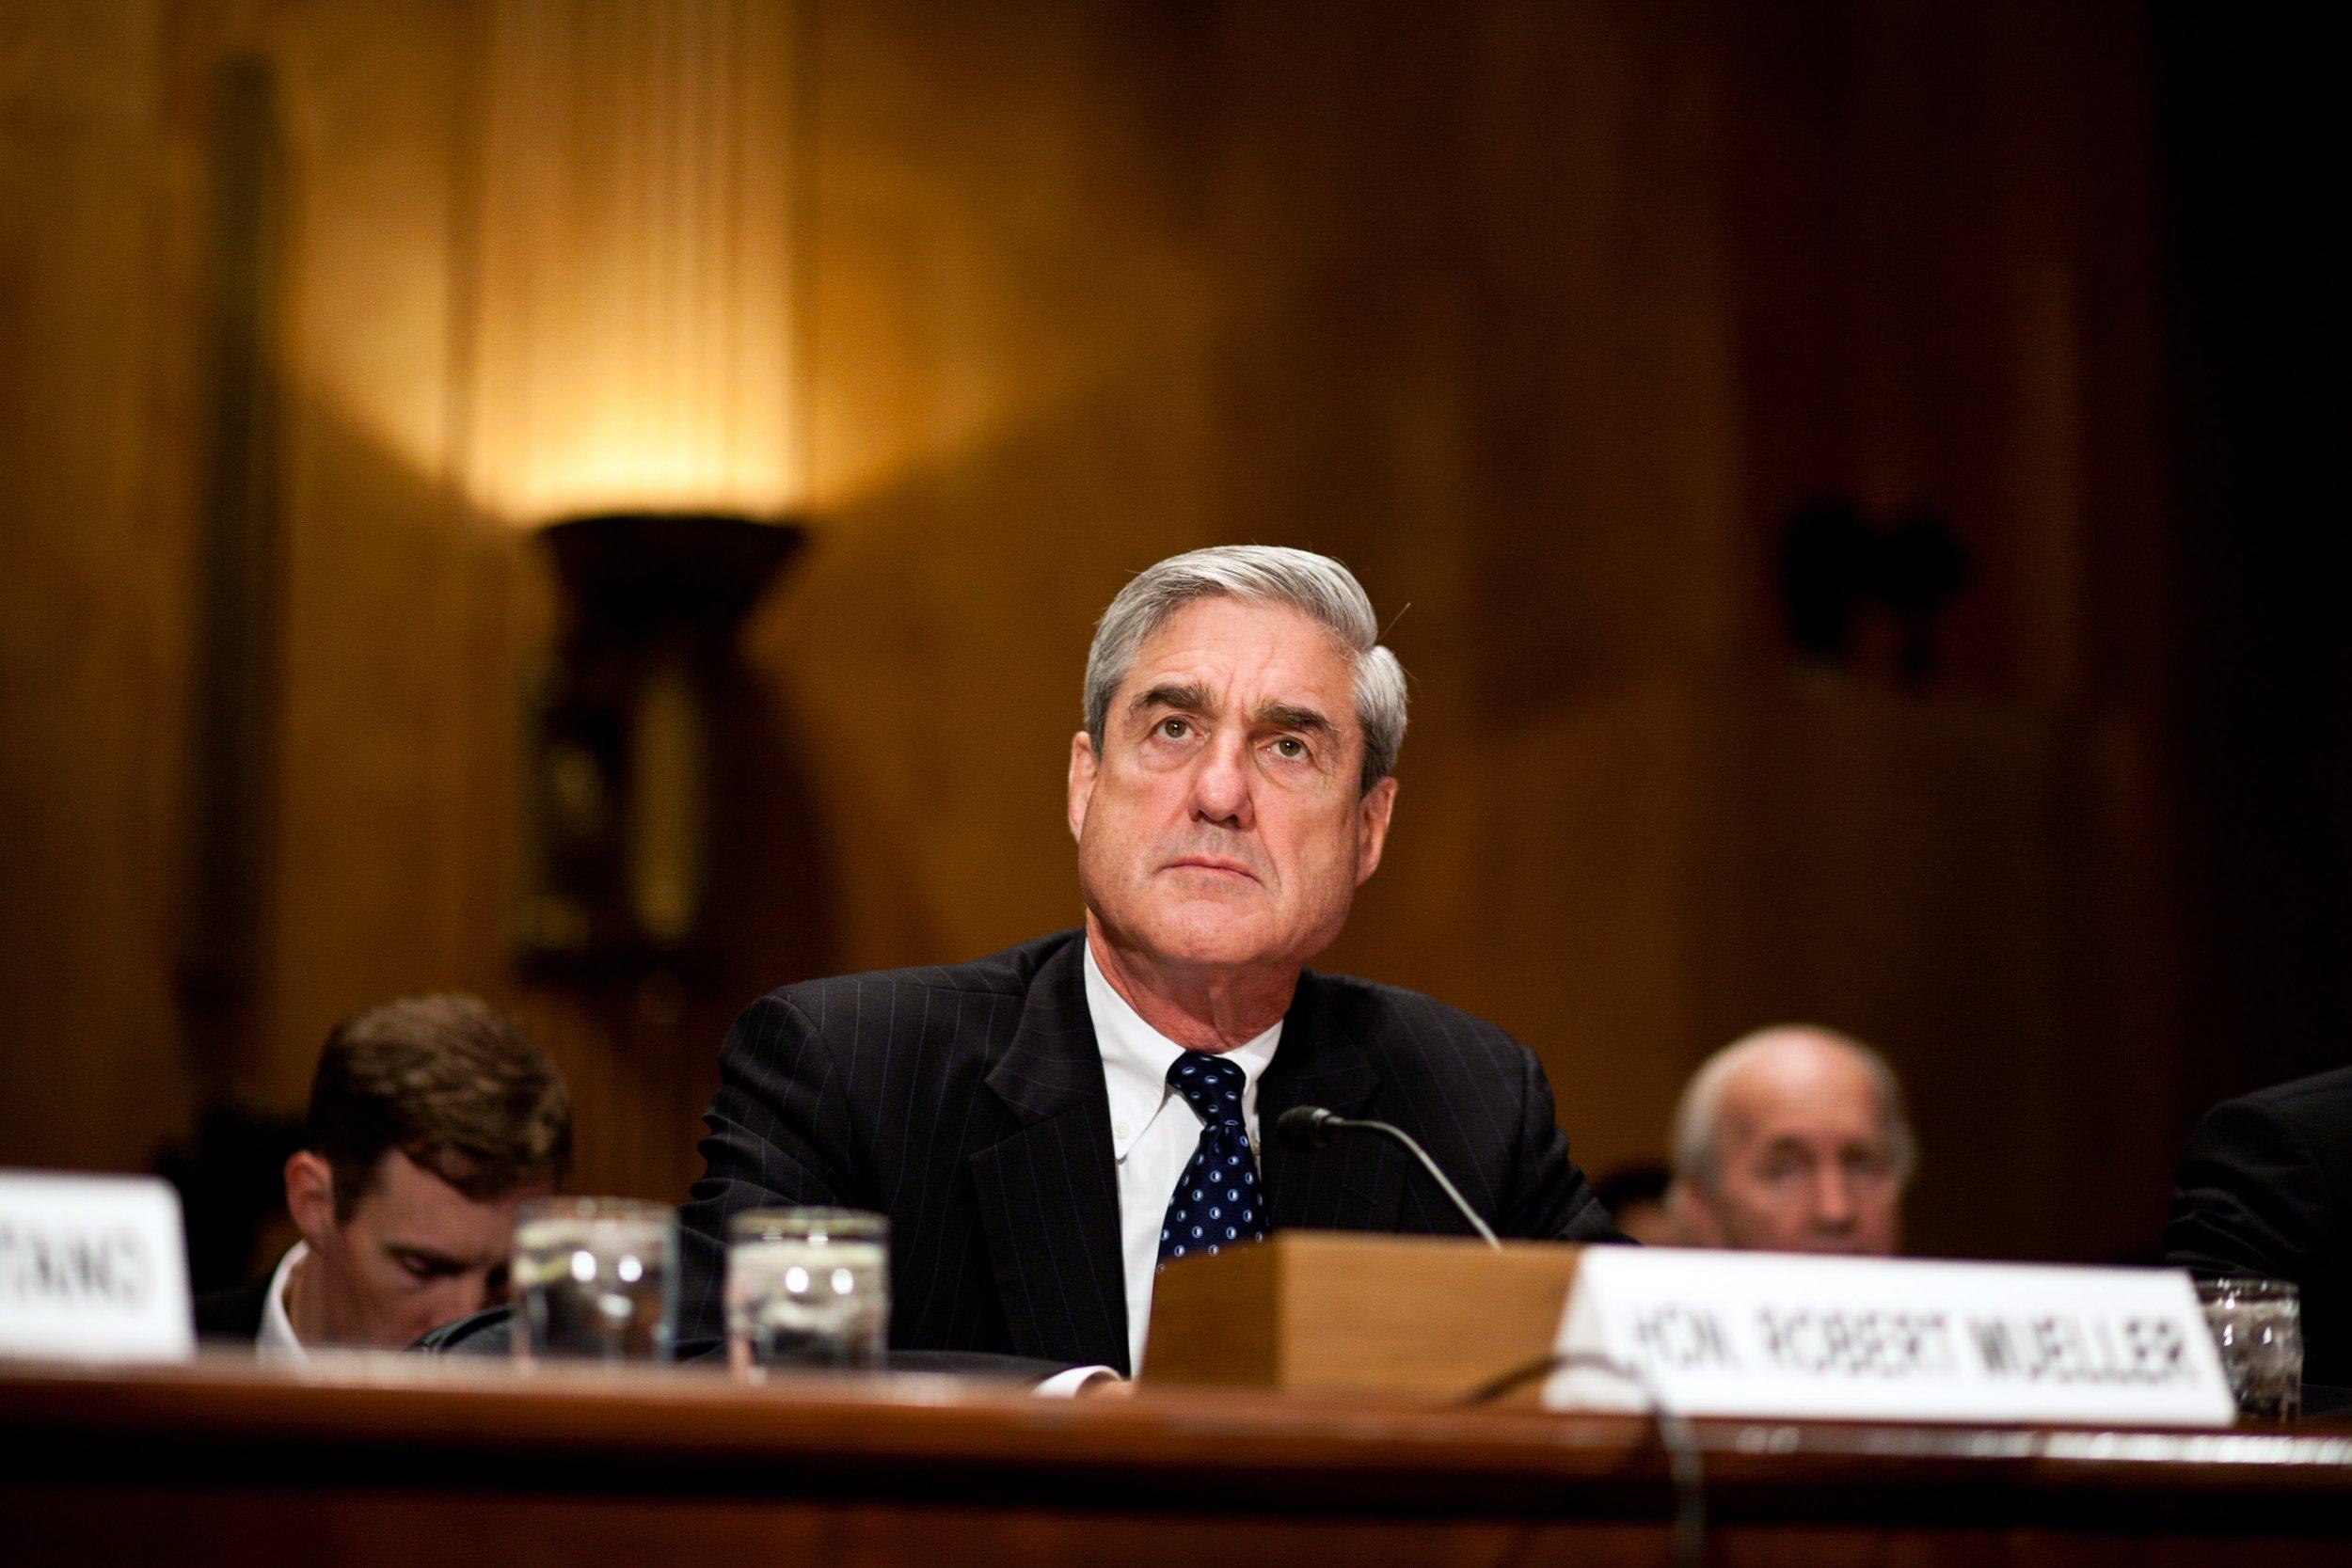 Robert Mueller integrity John Brennan William Barr